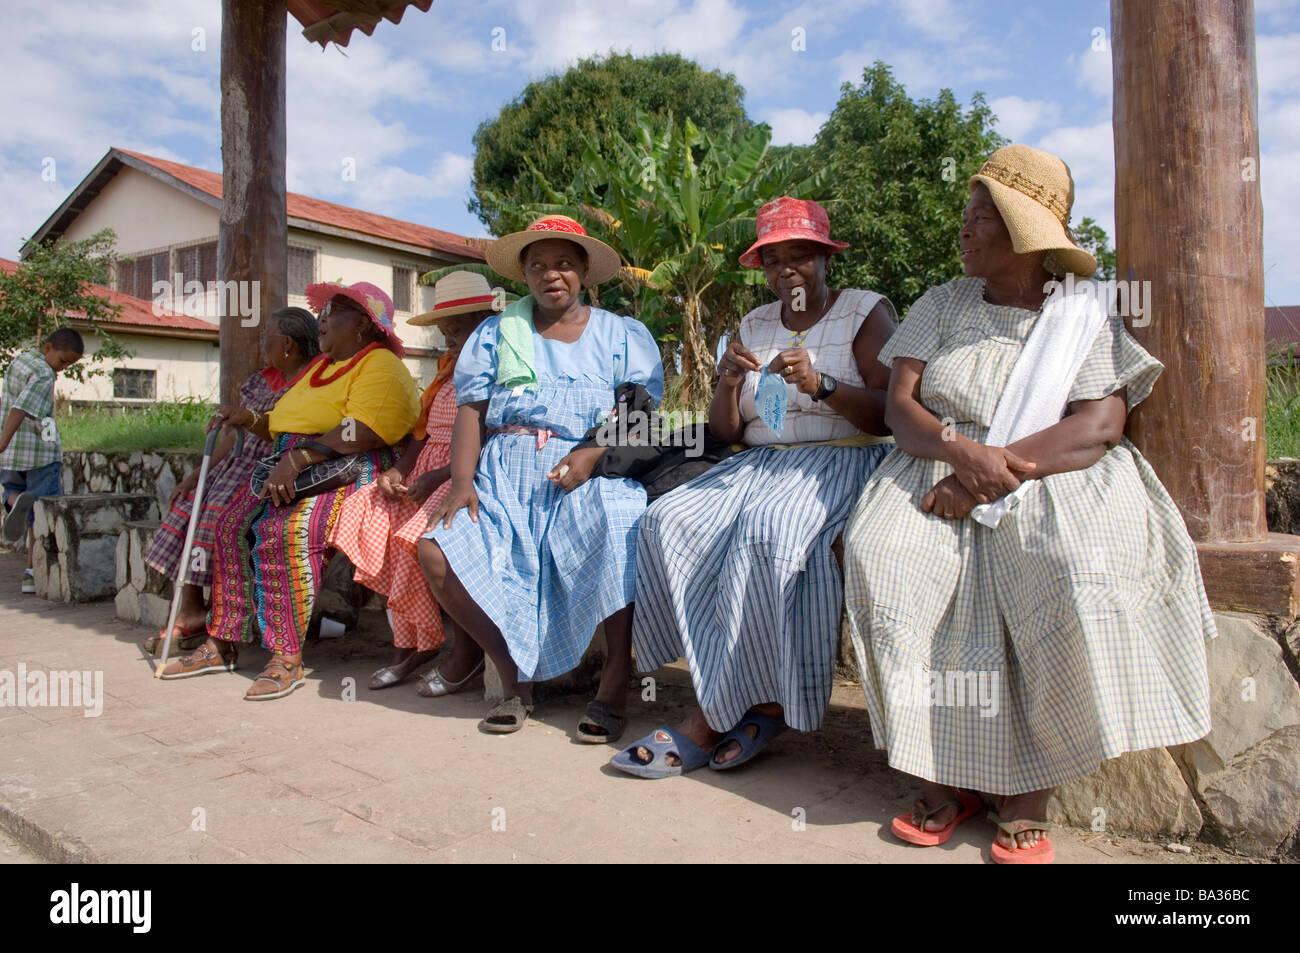 Garifuna Mulheres Sentadas Em Um Banco Durante O Festival Anual De Garifuna  Em Livingston, Guatemala.